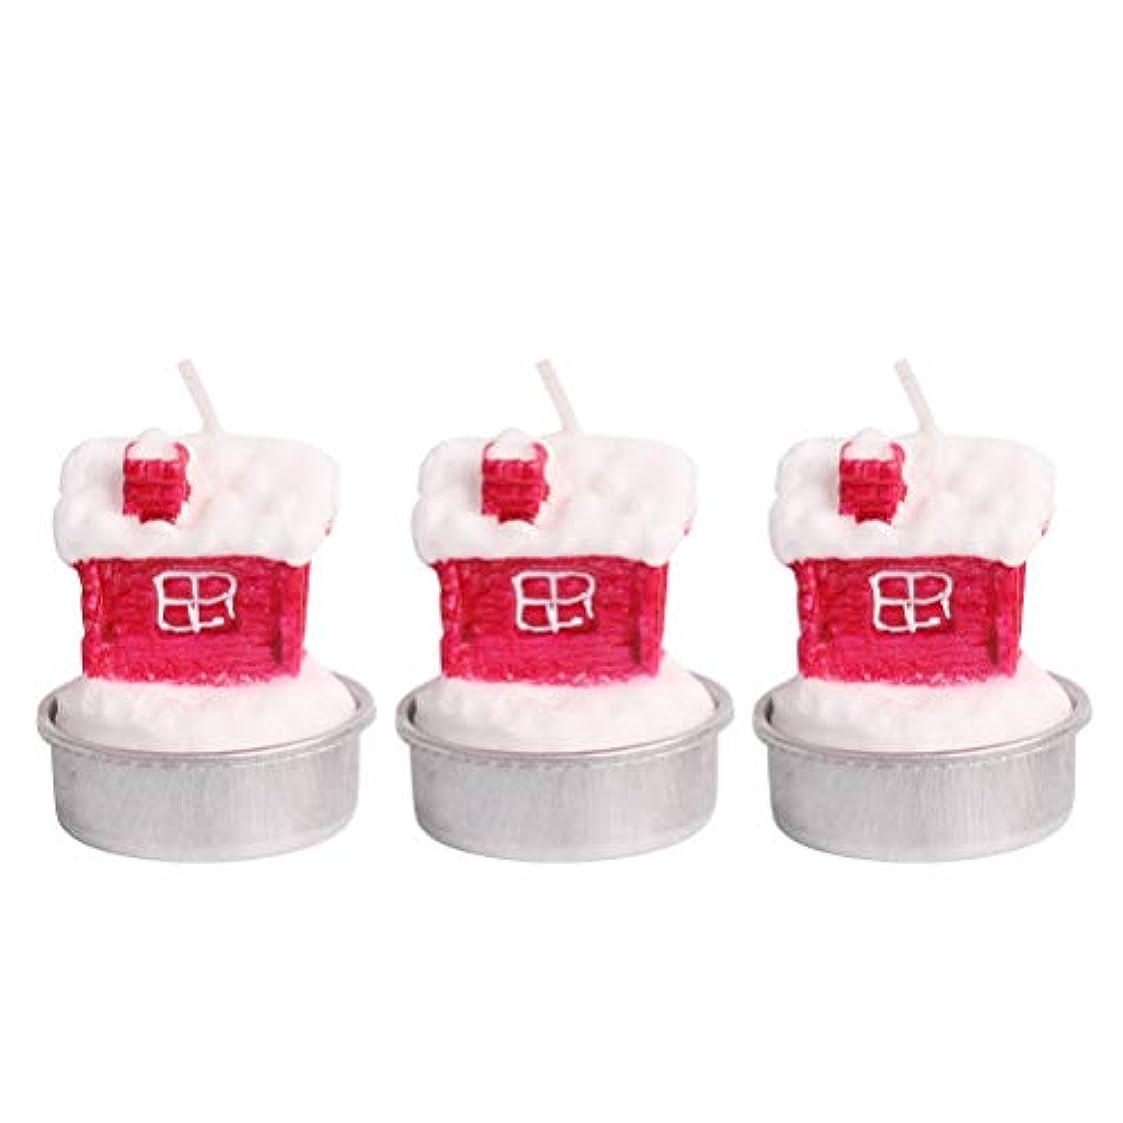 一定いつも抑制するBESTOYARD ホルダー付きクリスマスキャンドルクリスマスハウステーブルデコレーション装飾品